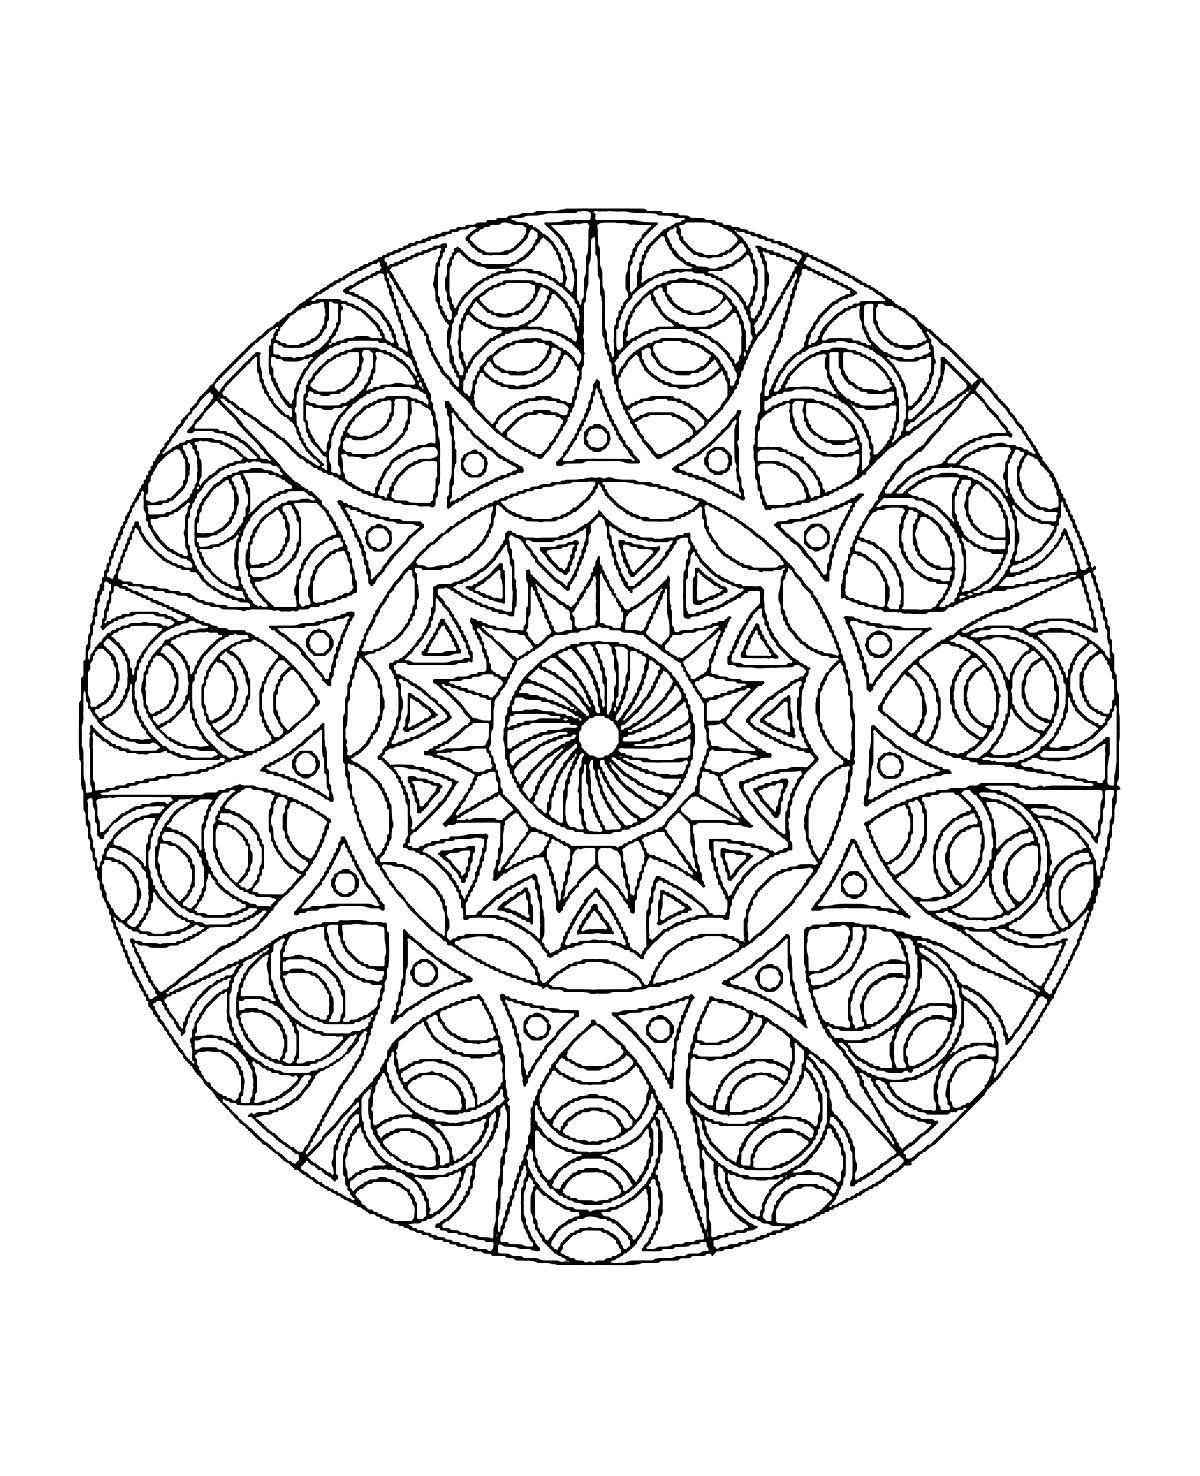 Mandala A Colorier Difficile 4 Mandalas Difficiles Pour Adultes